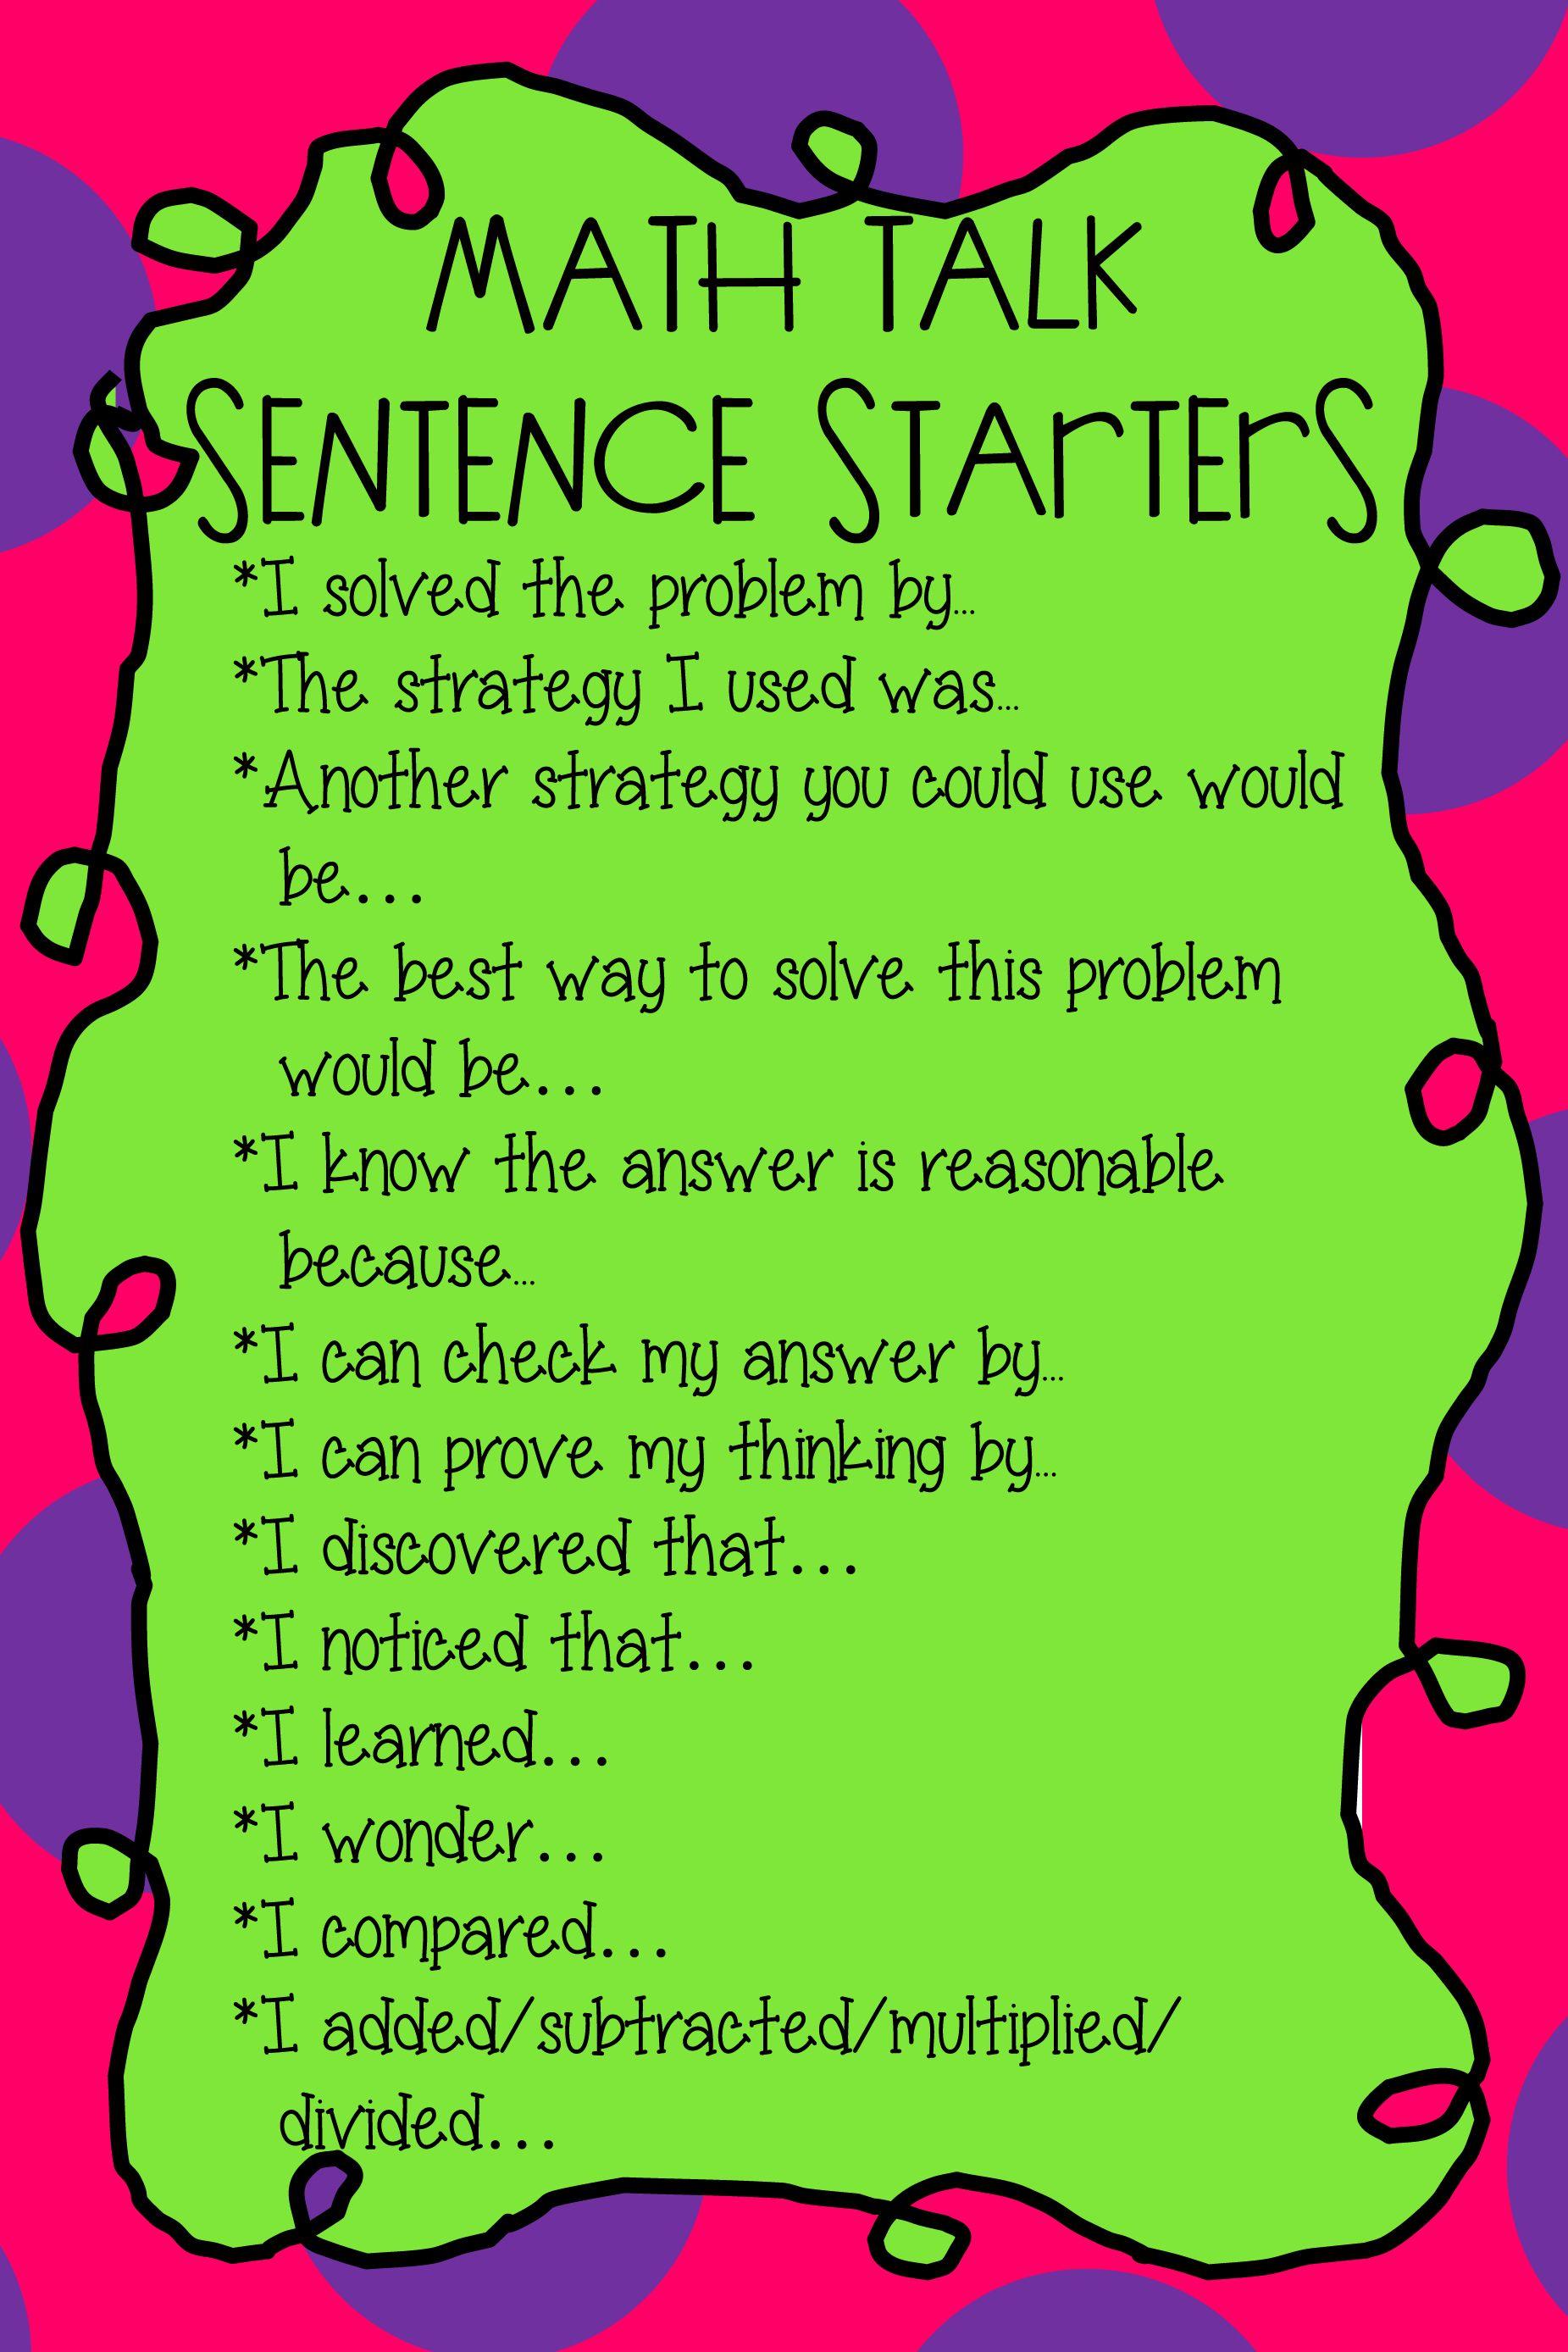 Math Talk Sentence Starters